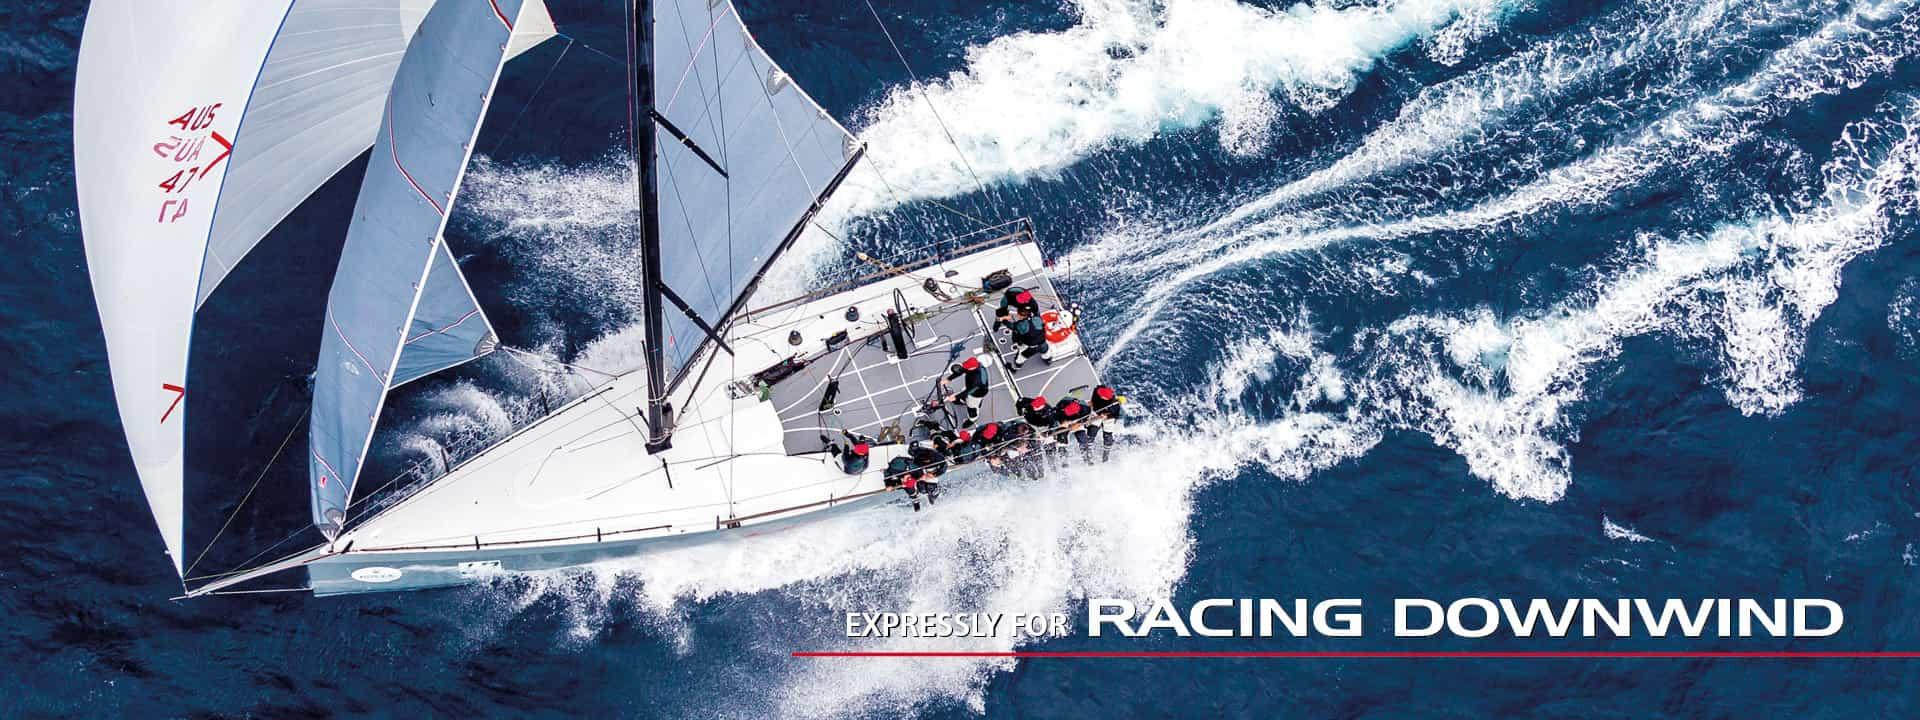 OneSails Racing undanvind